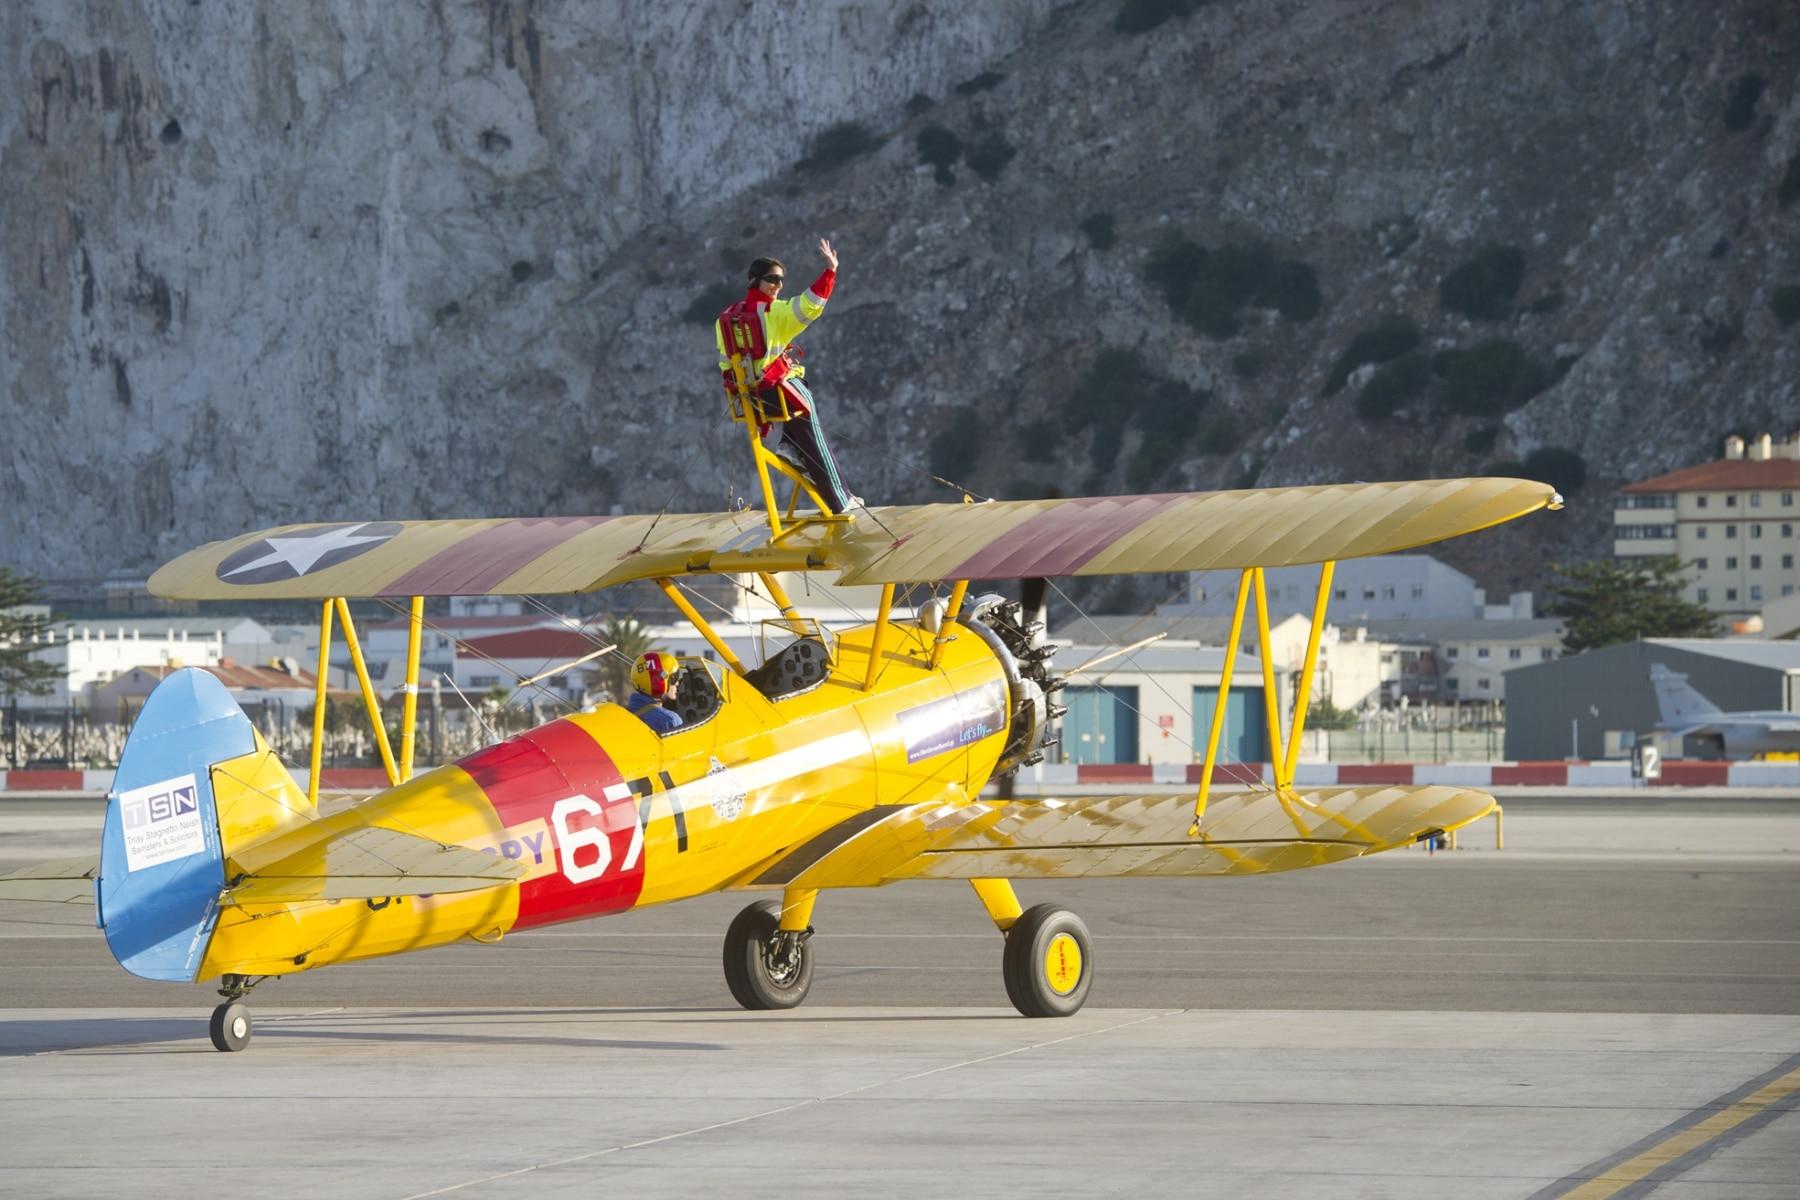 tom-lackey-acrobata-aereo-de-94-anos-en-gibraltar-10102014-27_15329345269_o